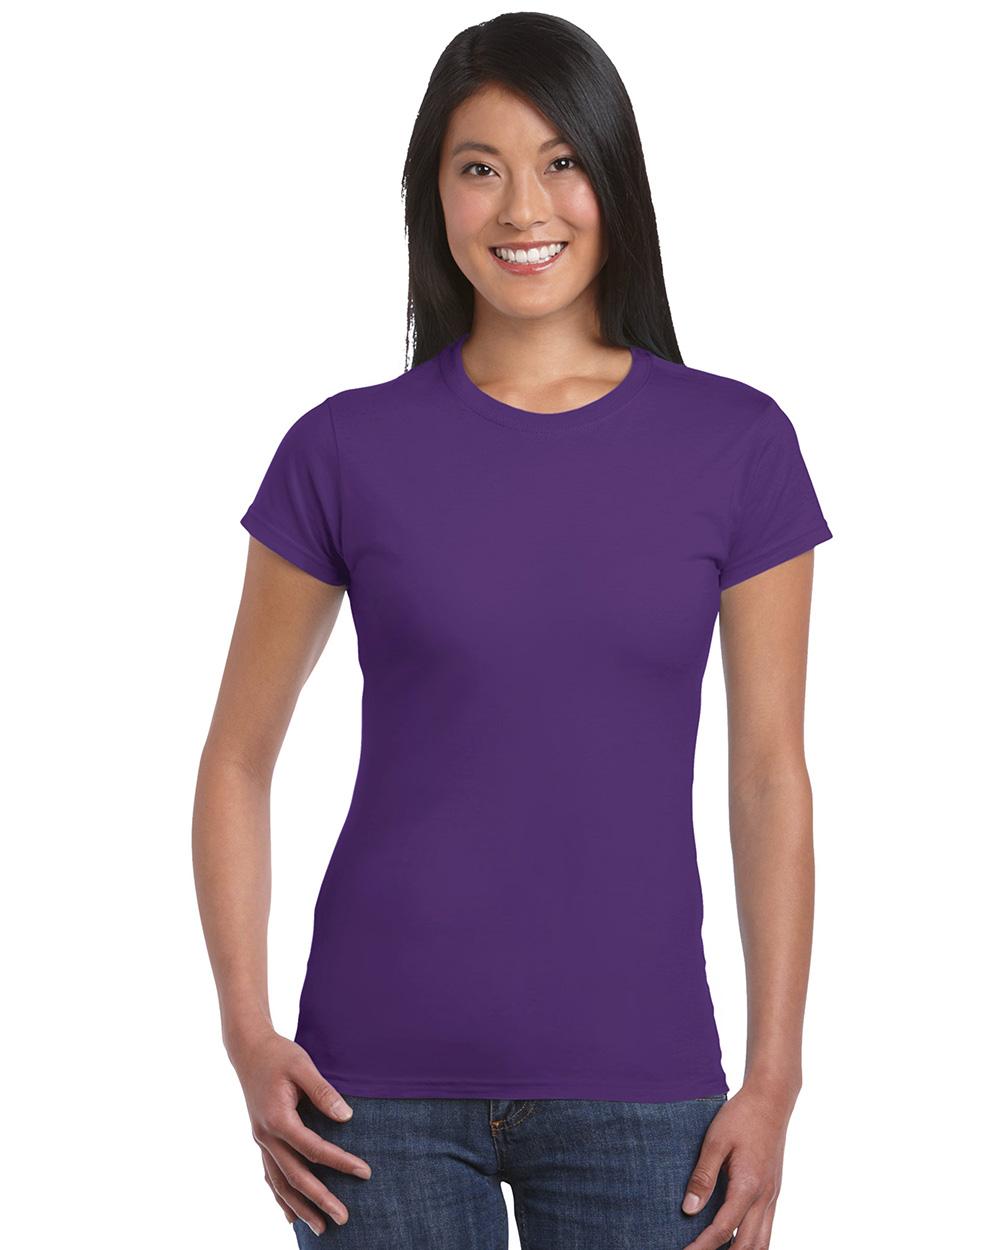 Gildan 64000L     Softstyle Junior Fit Ladies T-Shirt    4.5 oz. 100% Cotton